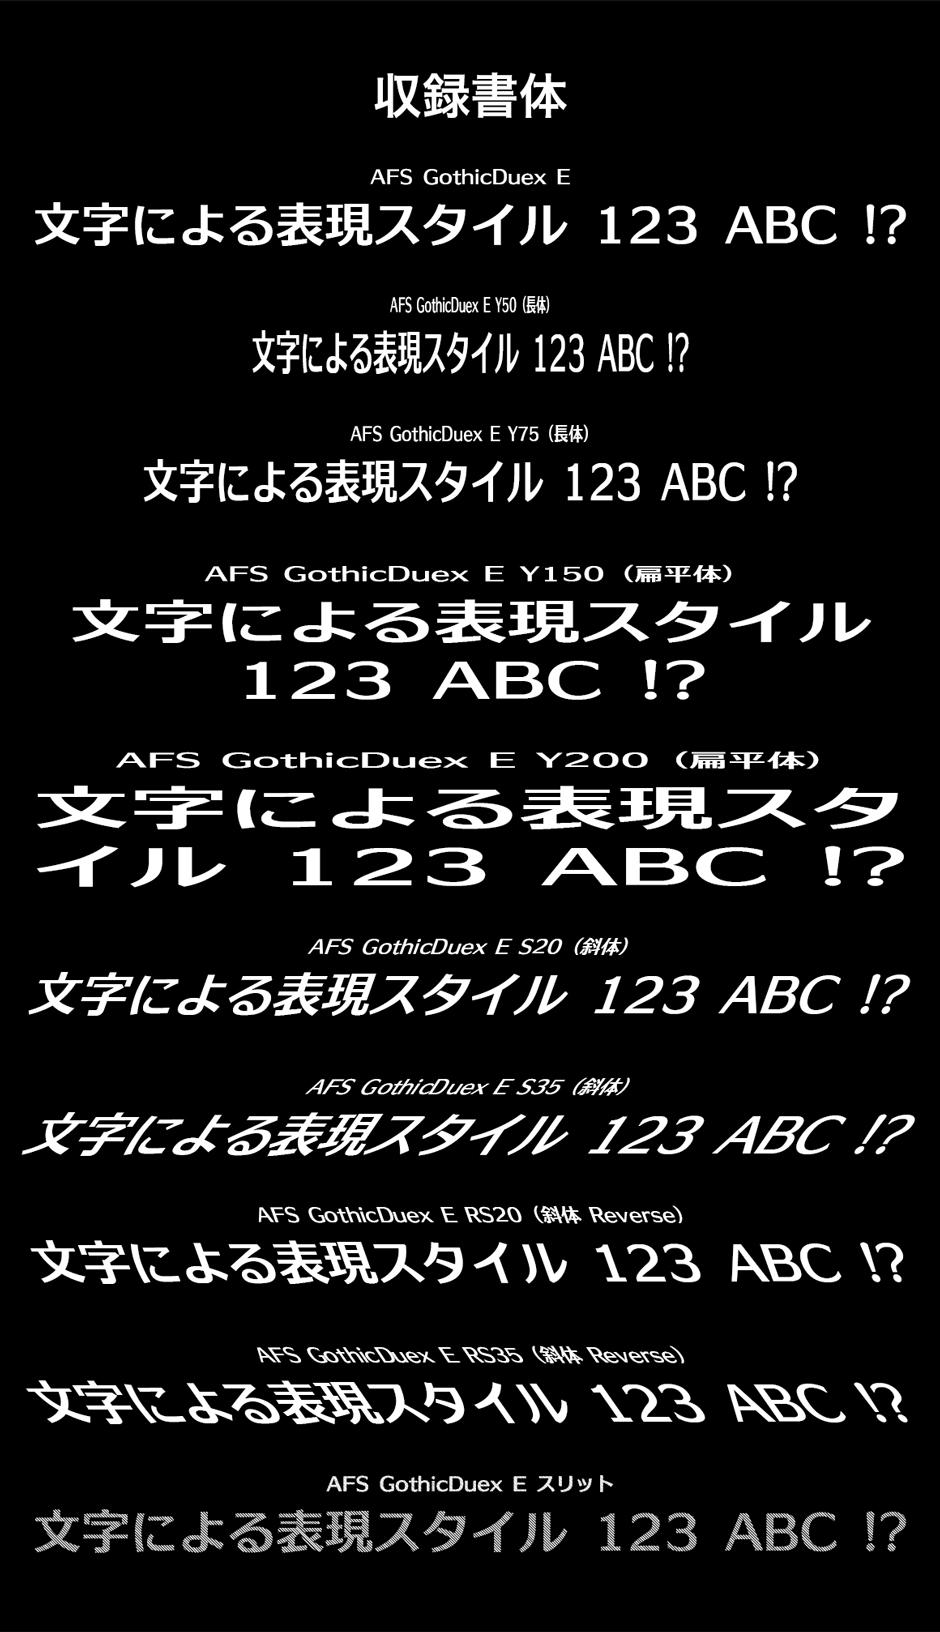 AFS ゴシックドゥ E